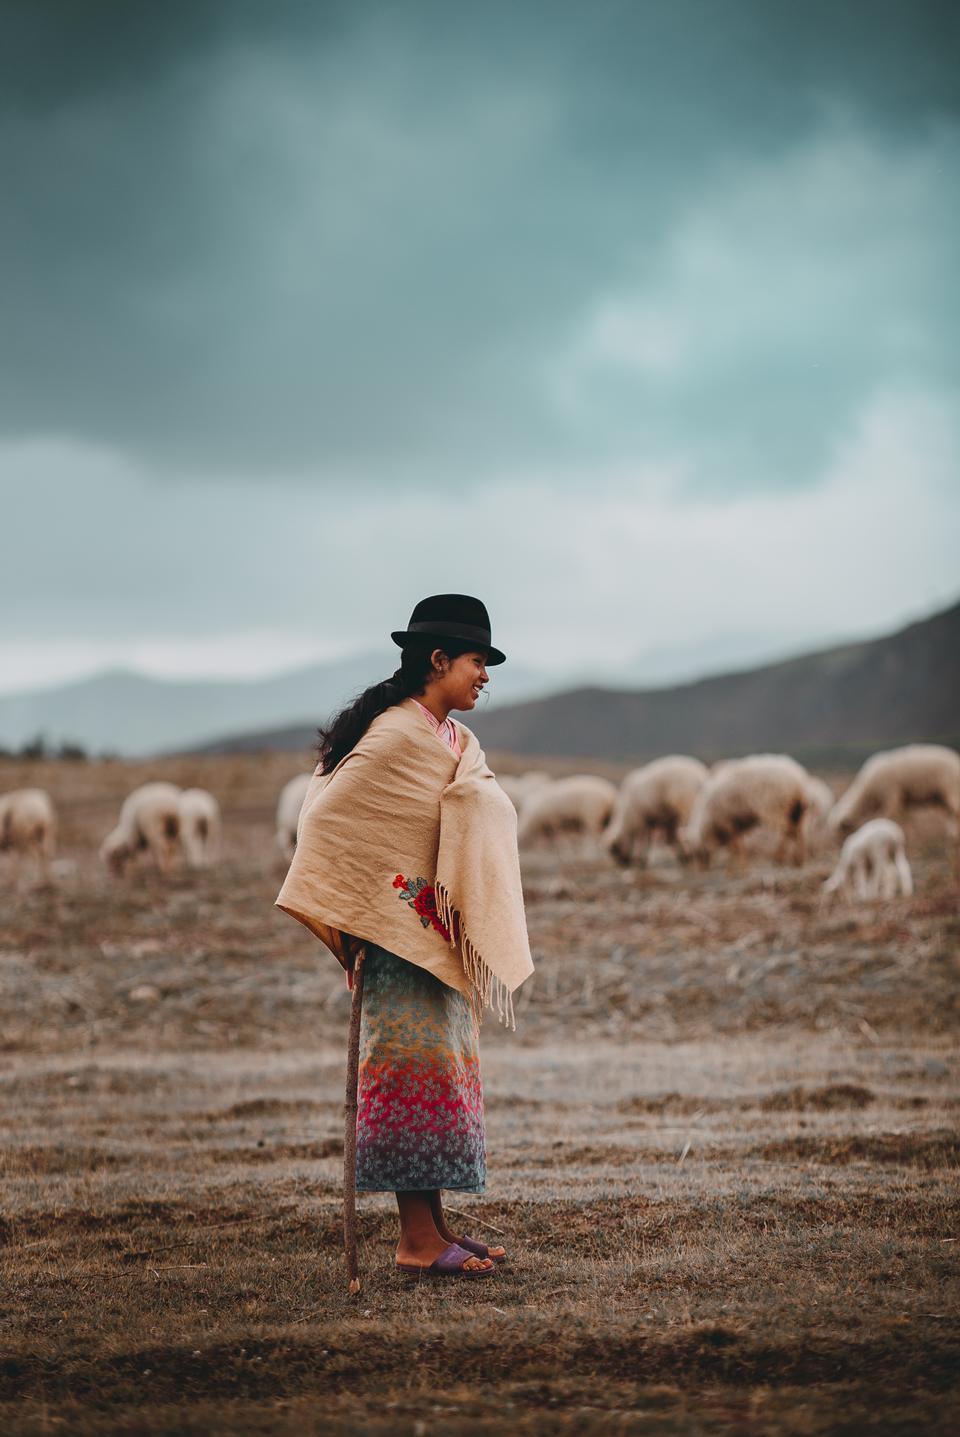 계곡에서 그녀의 알파카와 함께 걷고있는 젊은 아가씨